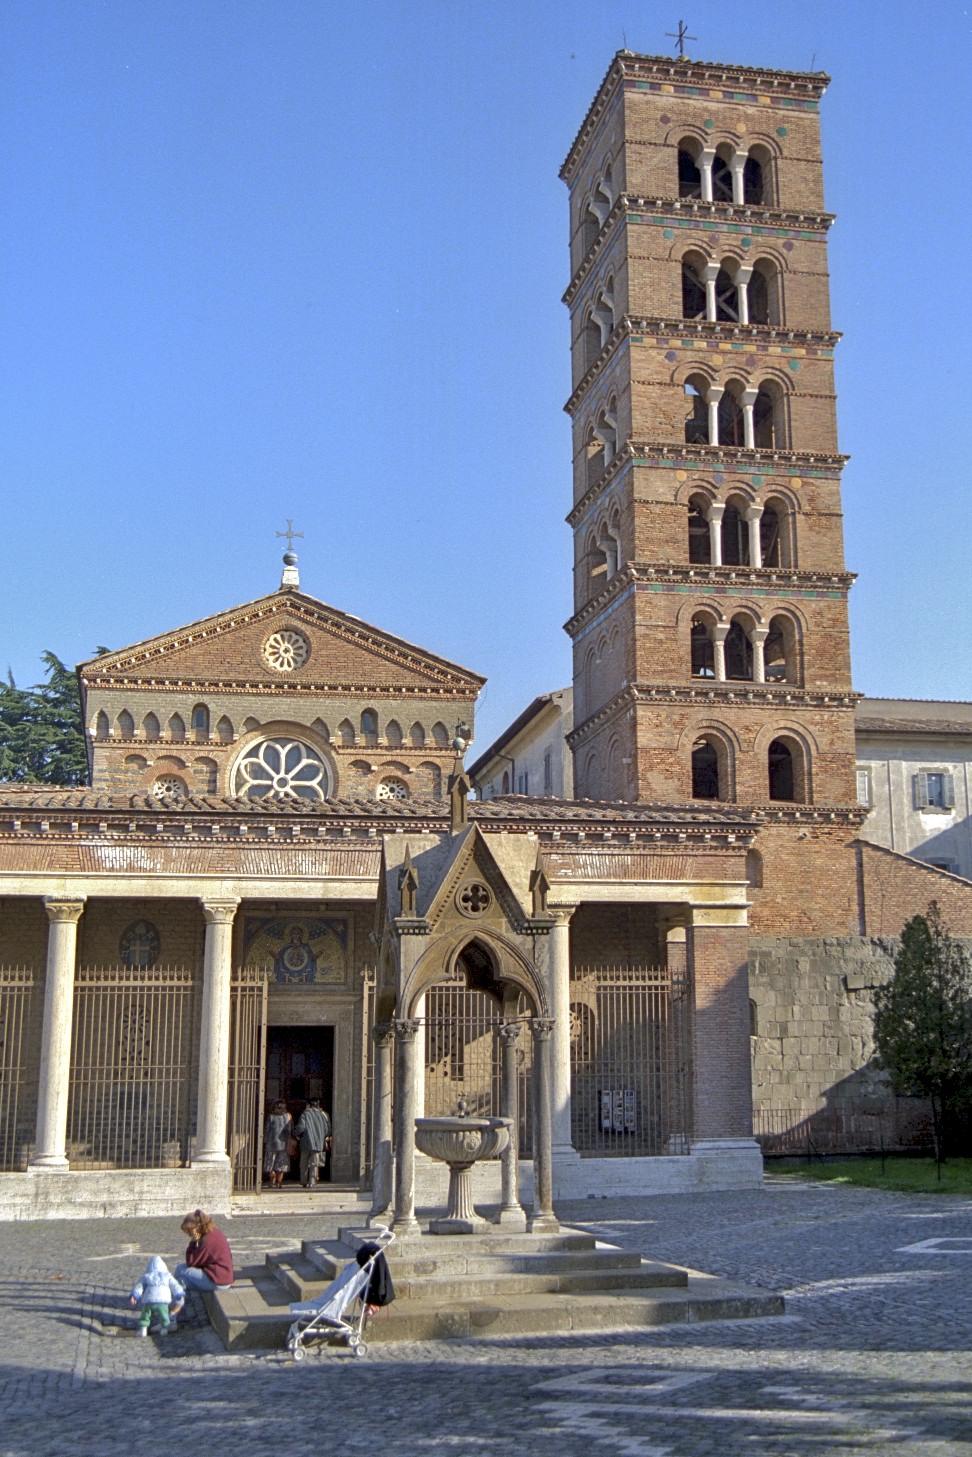 Castelli, Grottaferrata, Roma